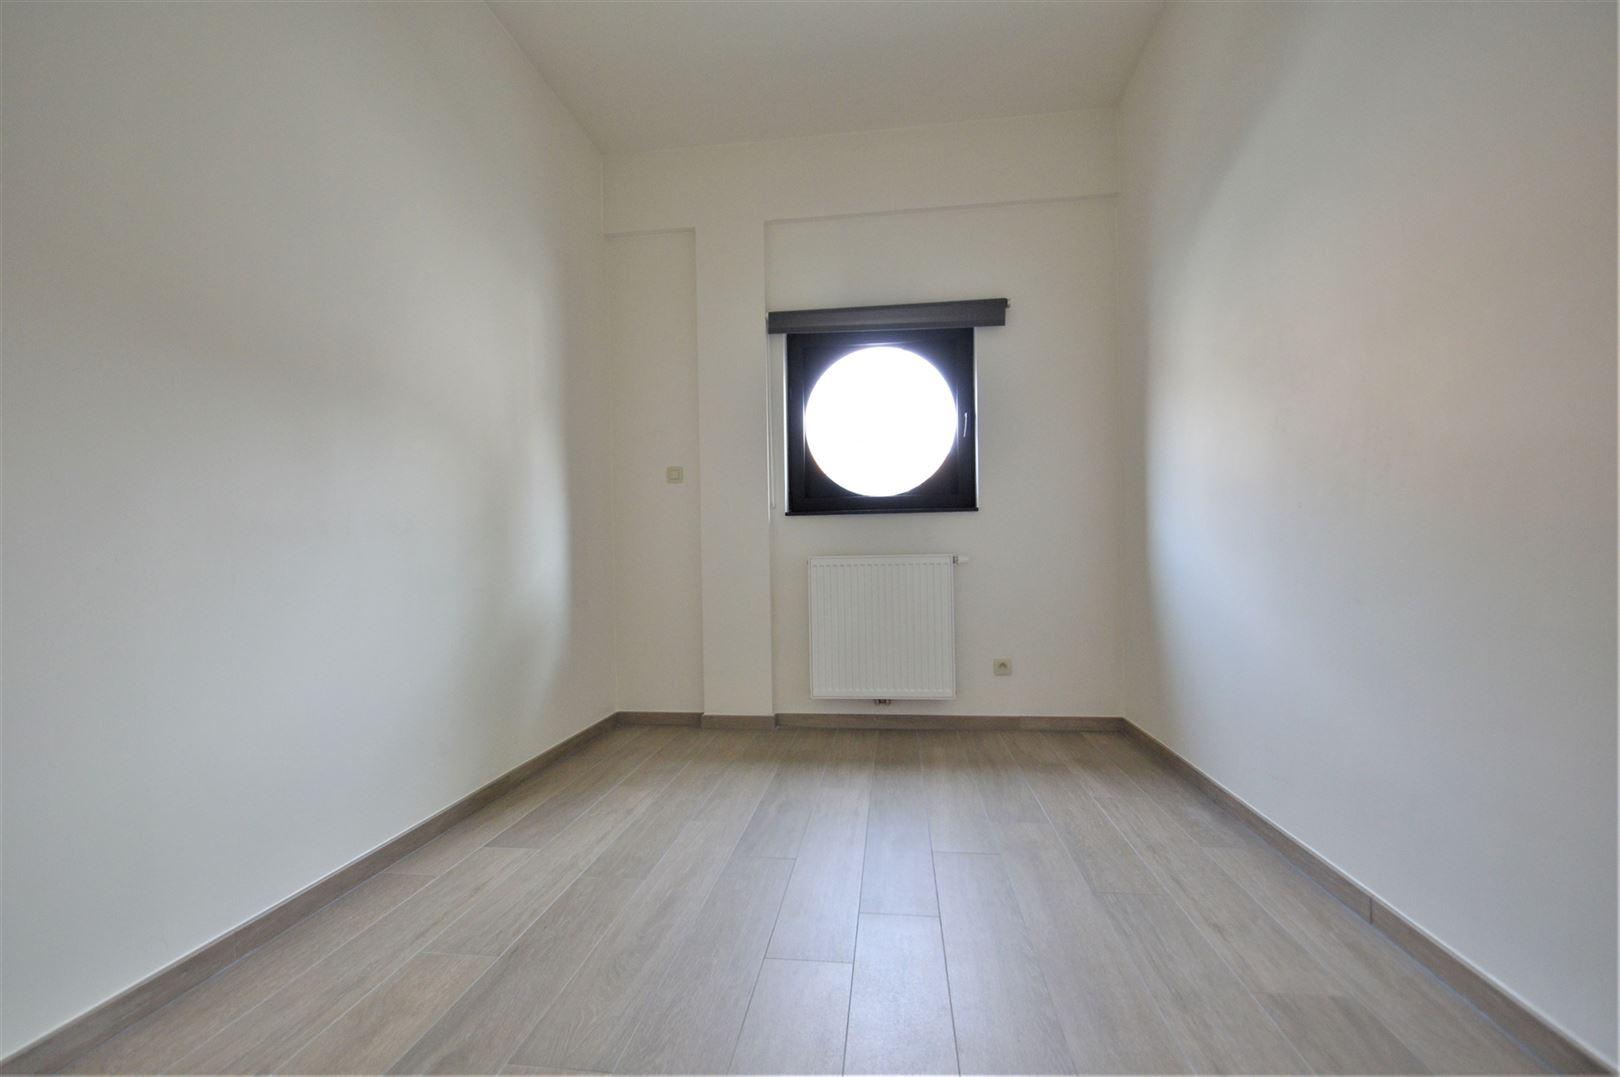 Foto 11 : Appartement te 9200 SINT-GILLIS-BIJ-DENDERMONDE (België) - Prijs € 775